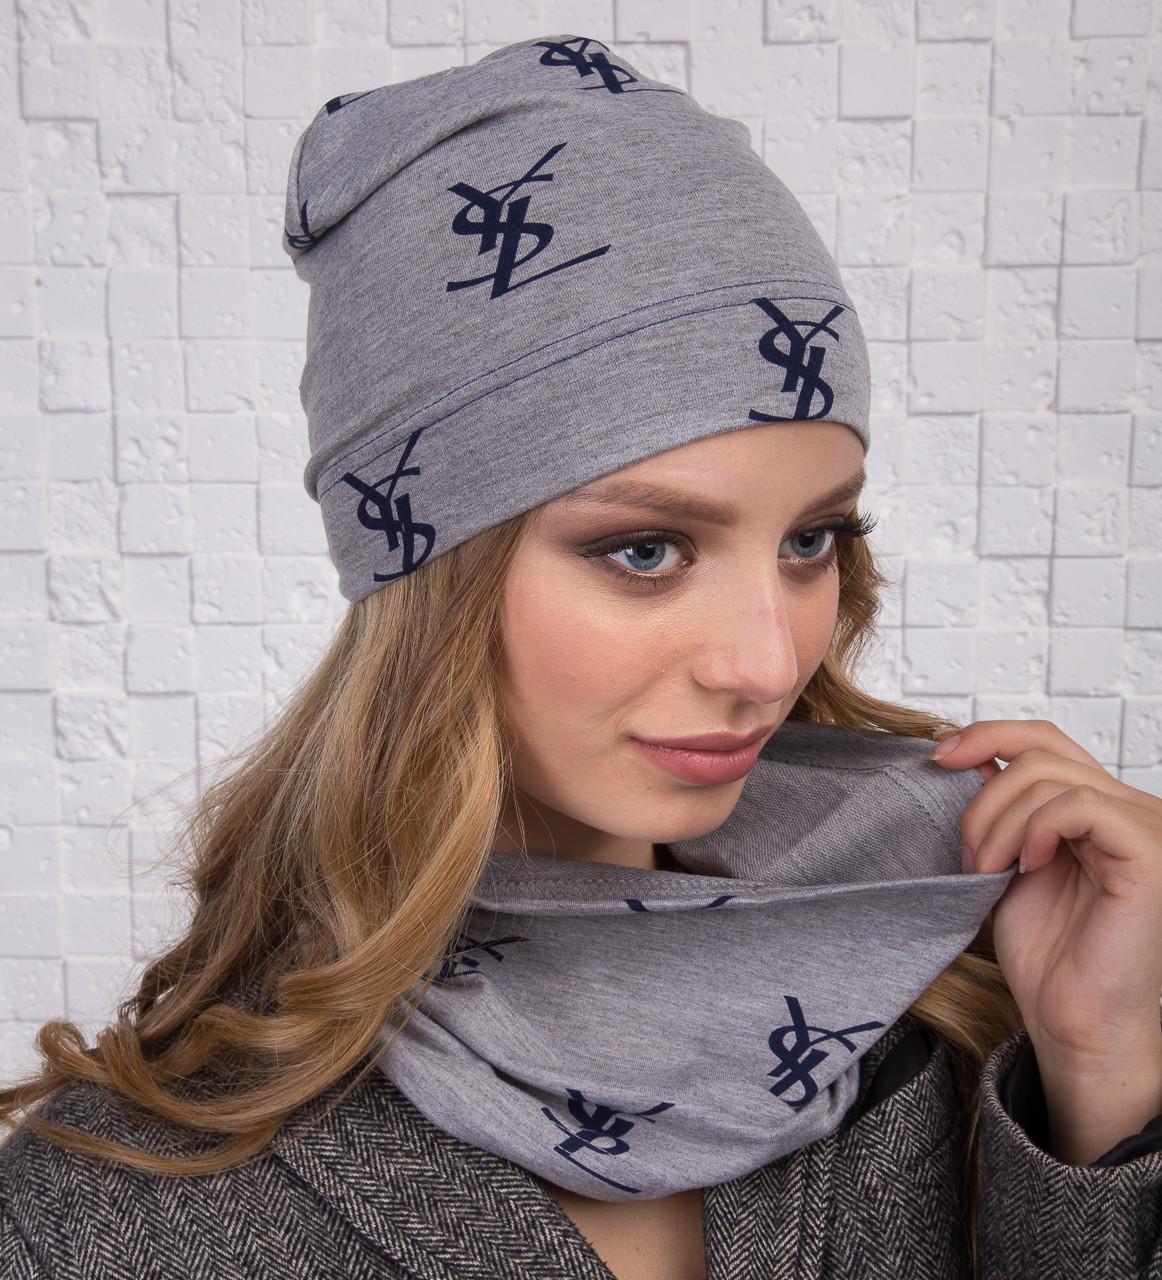 Осенний женский комплект оптом - YSL - Артикул 2117